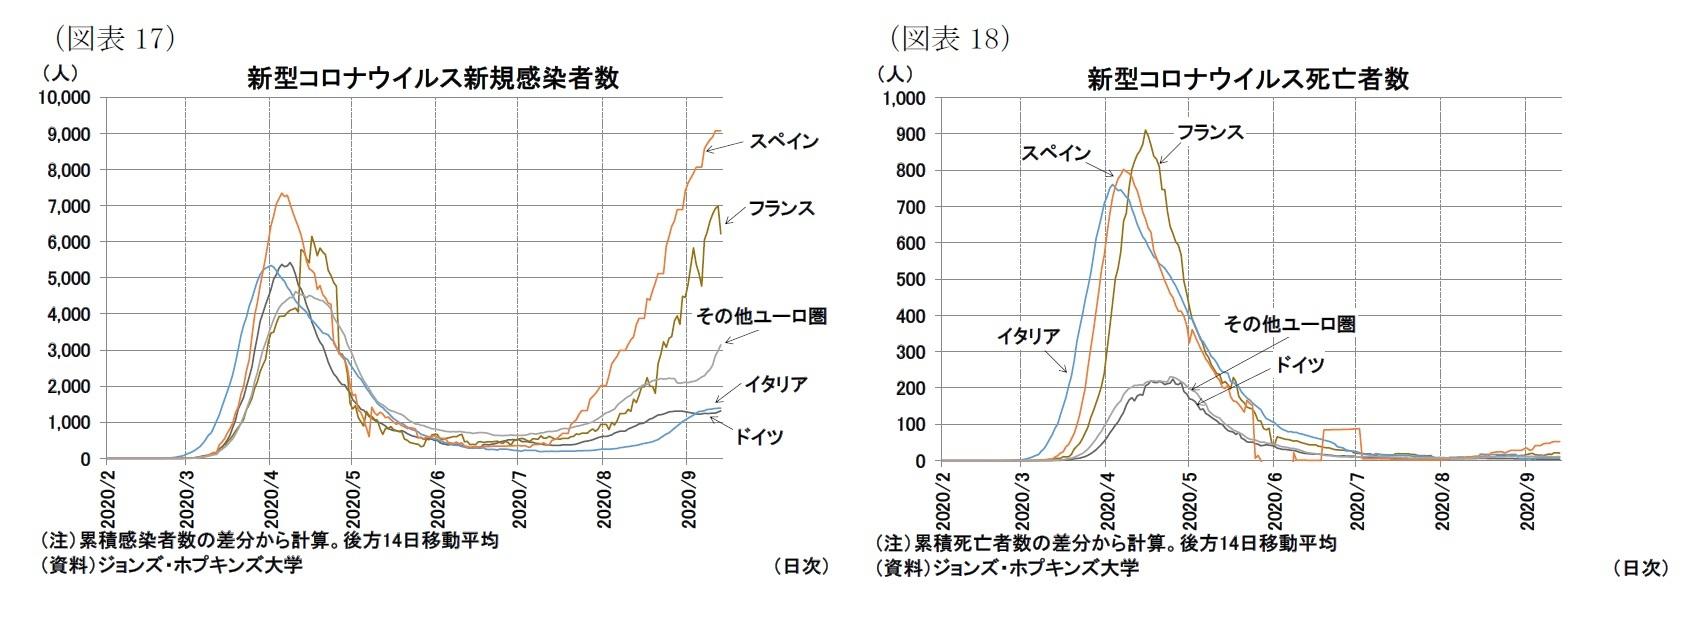 (図表17)新型コロナウイルス新規感染者数/(図表18)新型コロナウイルス死亡者数